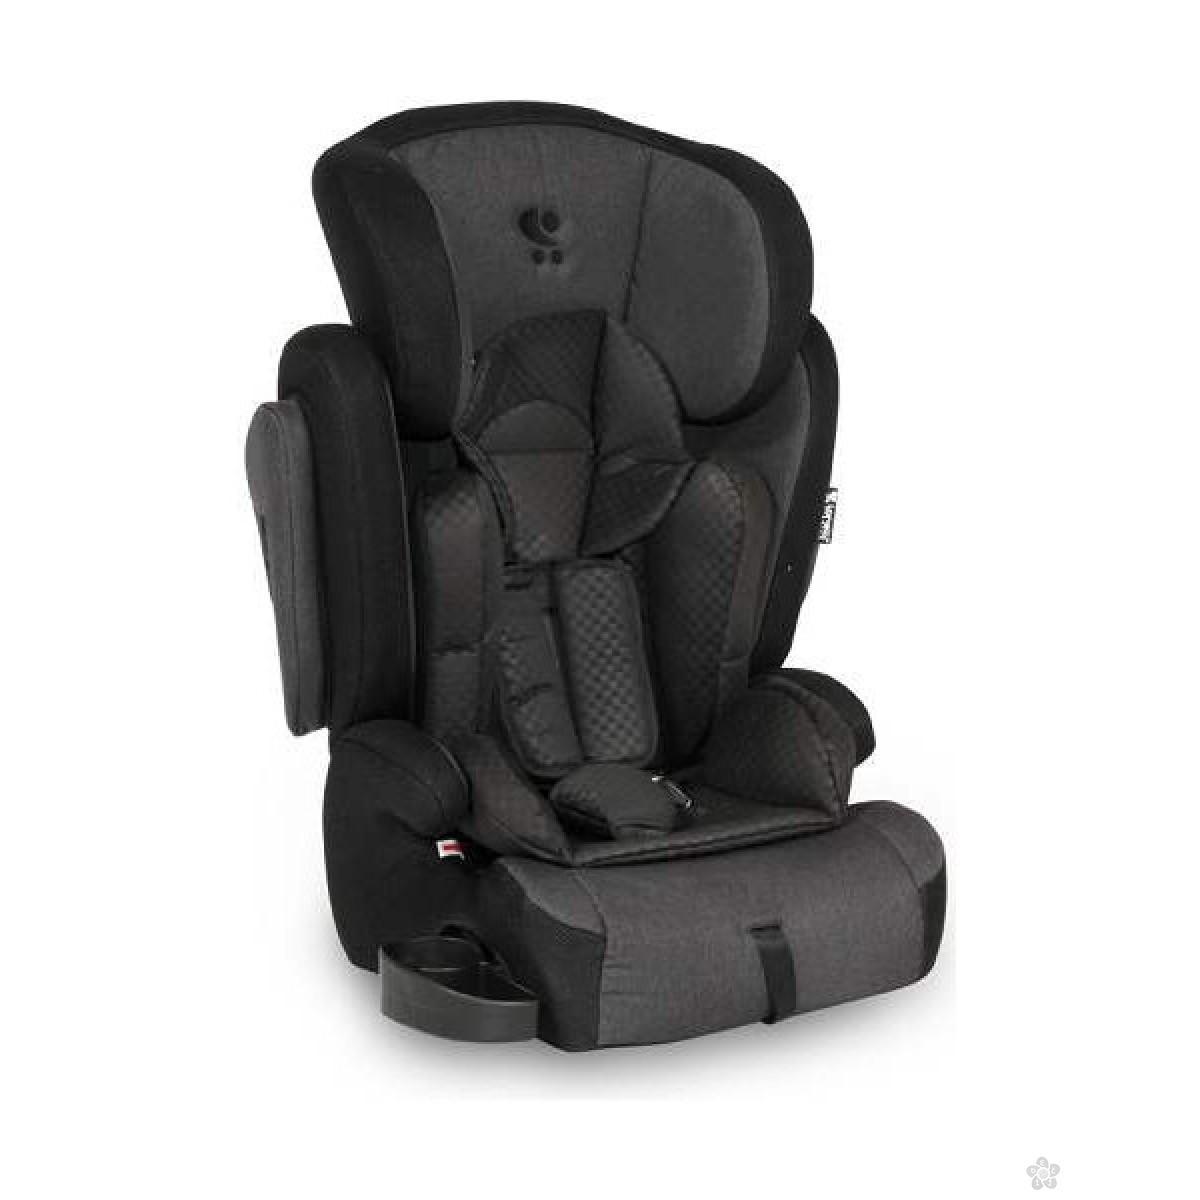 Auto Sedište Omega Black 9-36kg, 10071041755